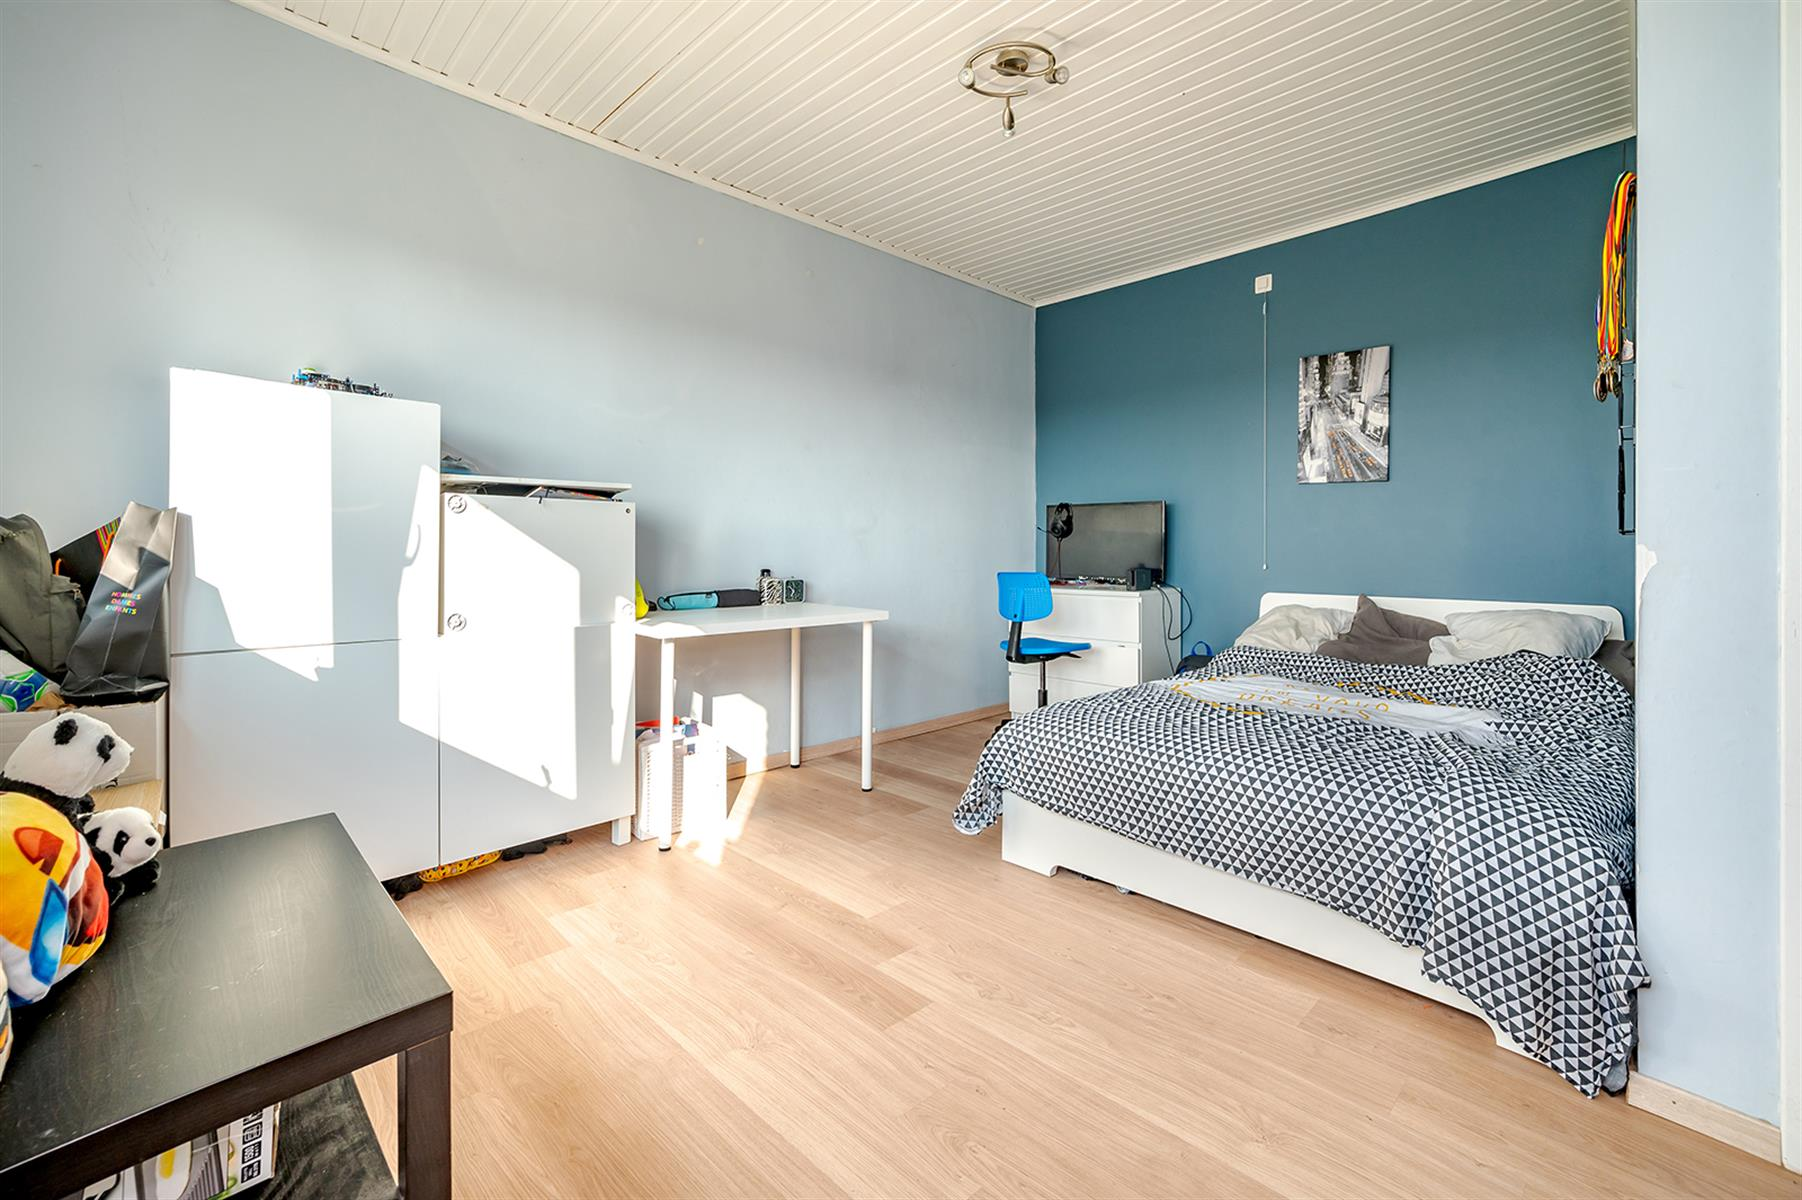 Maison unifamiliale - Villersle-Bouillet - #4412229-6